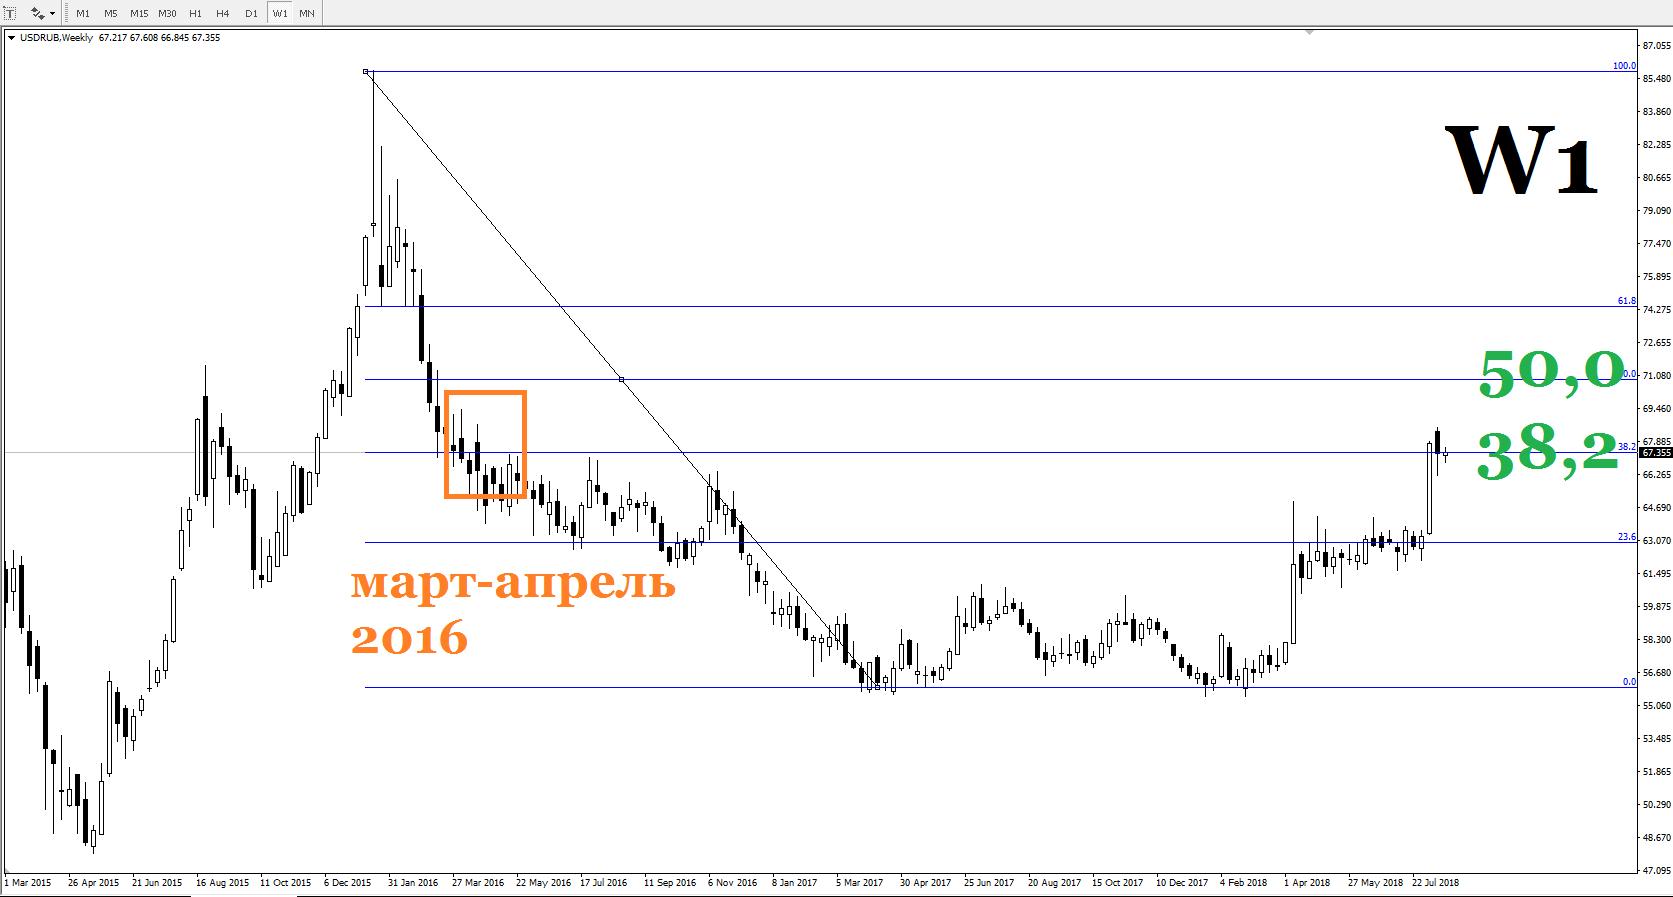 Сегодня рубль колеблется вблизи отметки 67,50 за один доллар